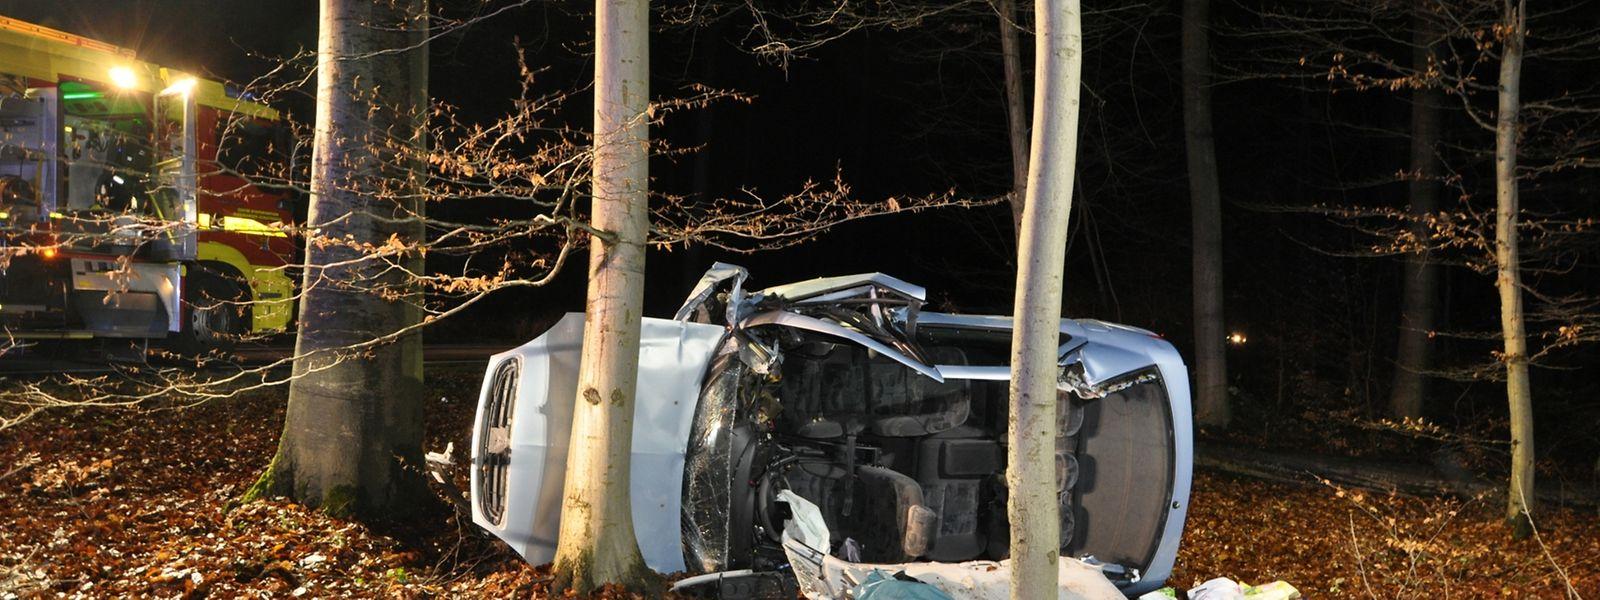 Die zwei Insassen des Unfallautos mussten aus dem Wrack geborgen werden.